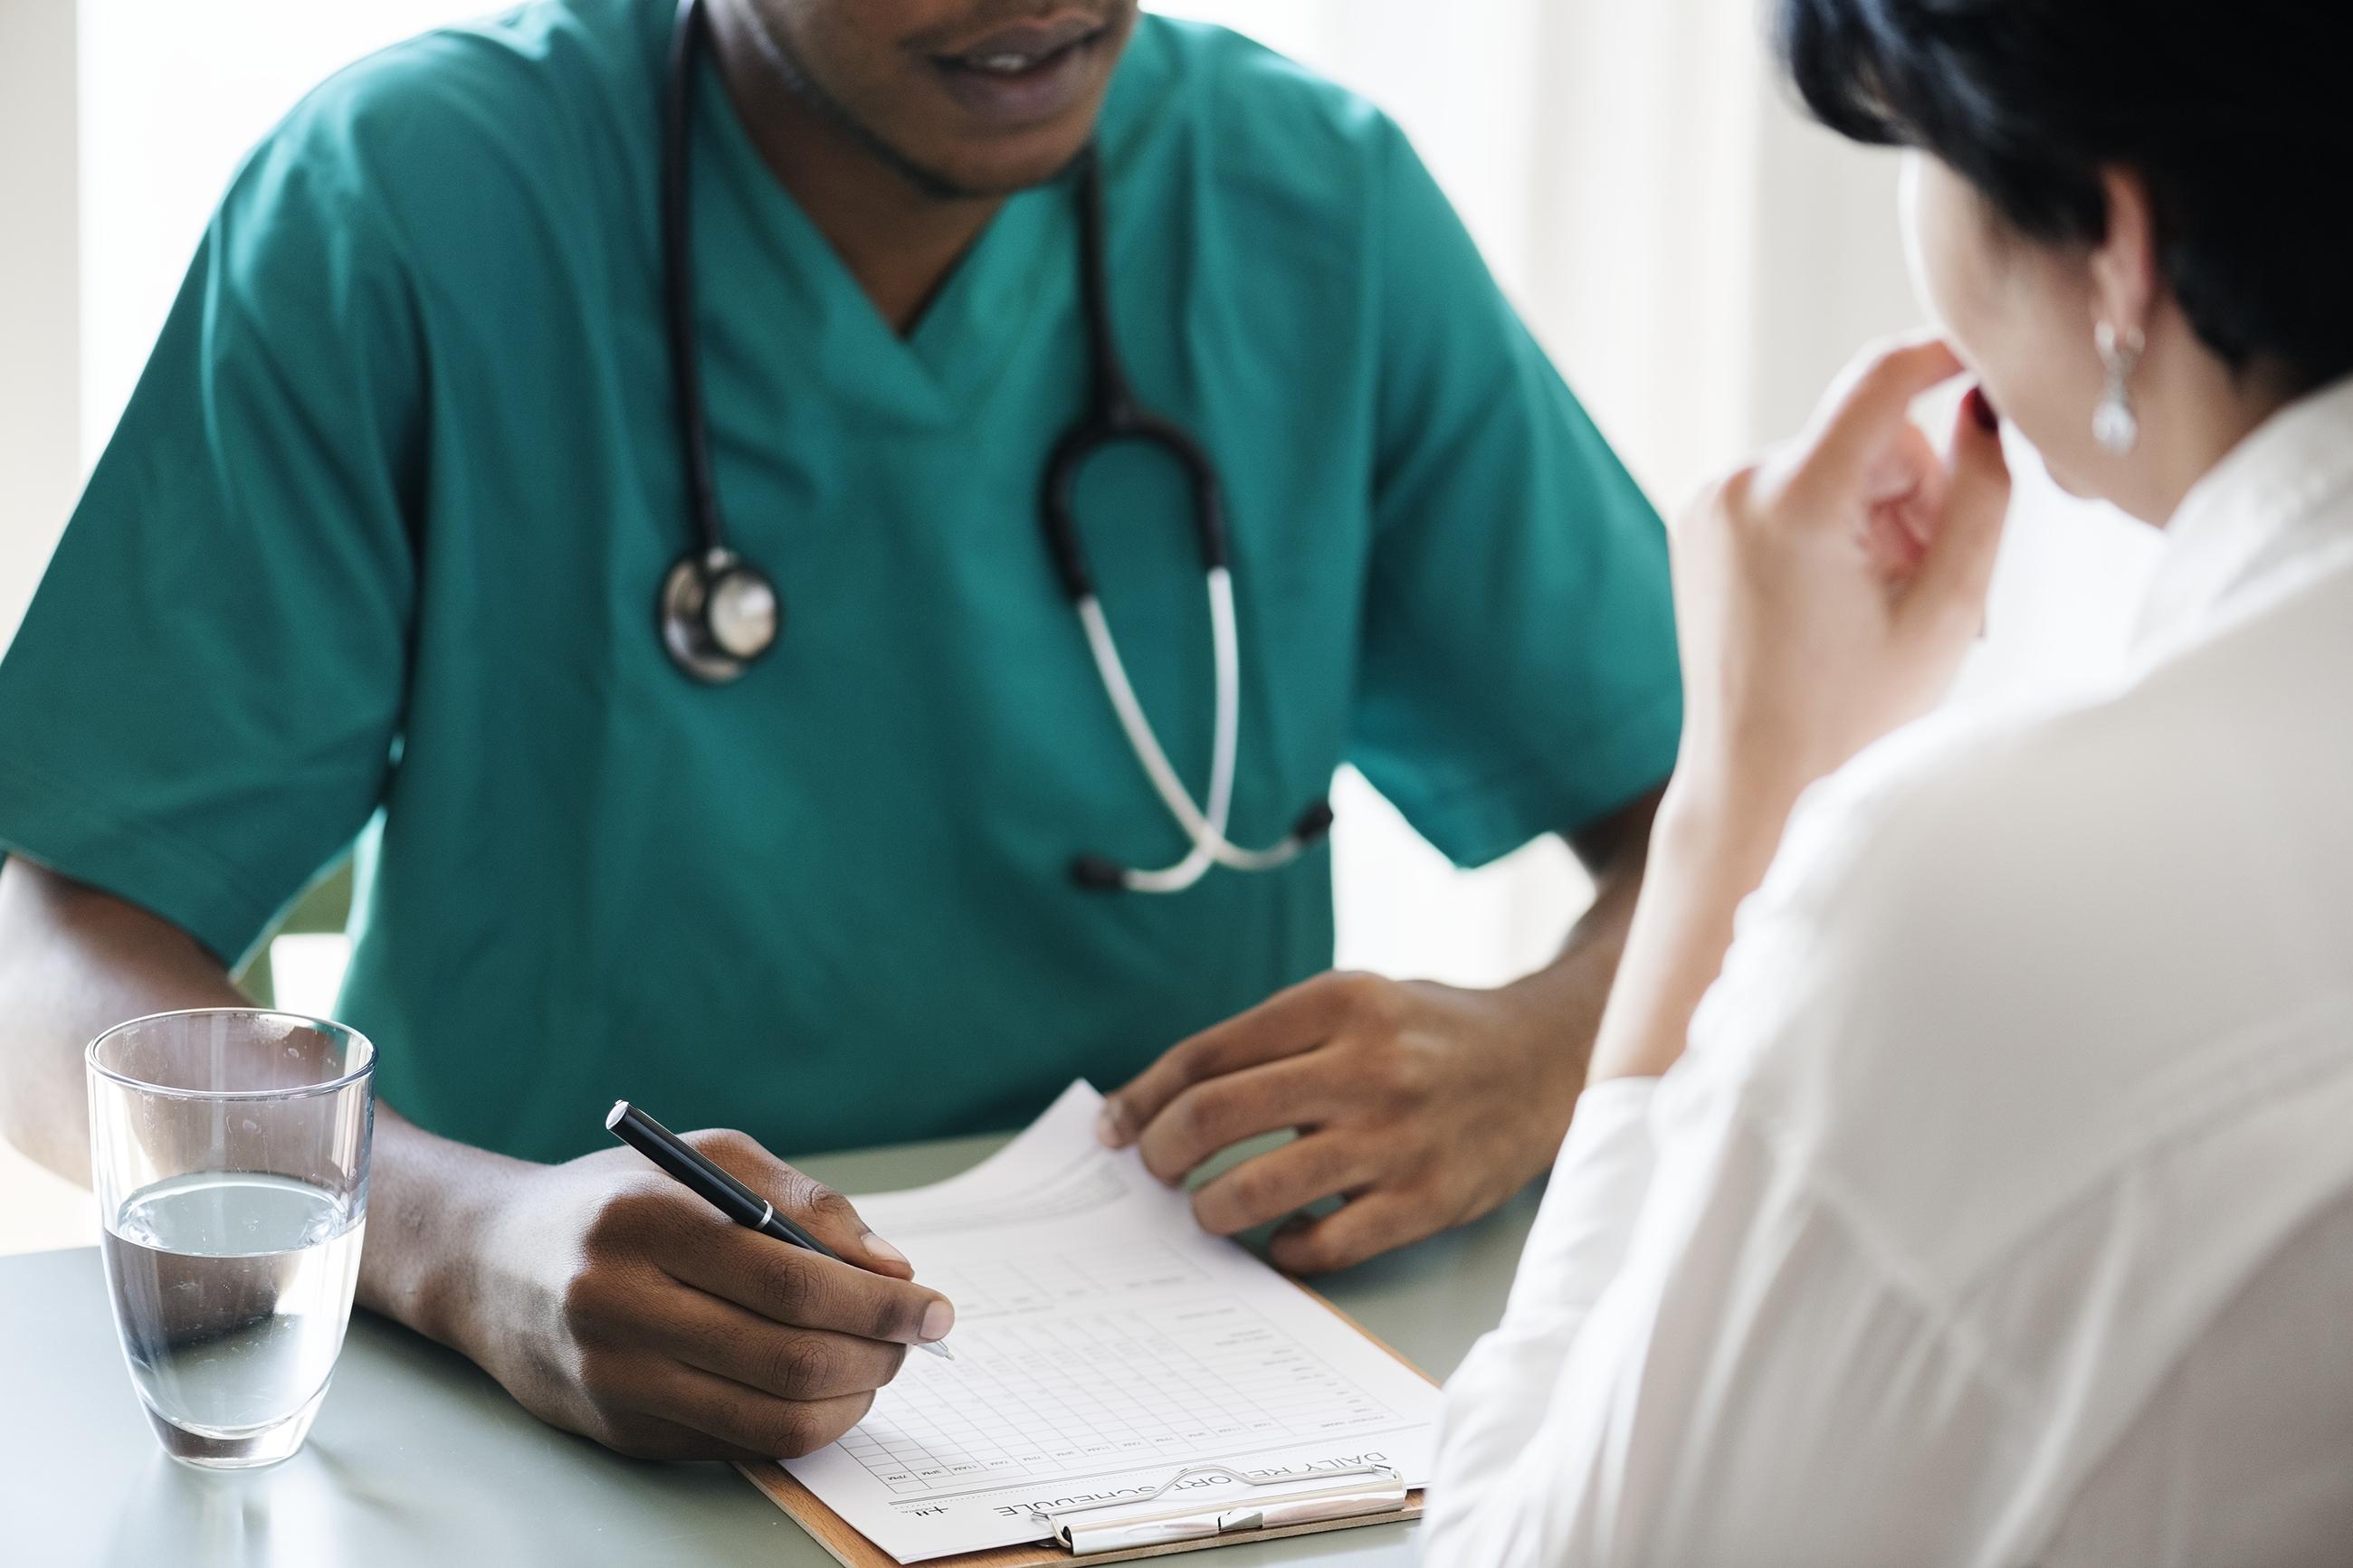 Enfermeiro Perito Criminal: Tudo o que você precisa saber